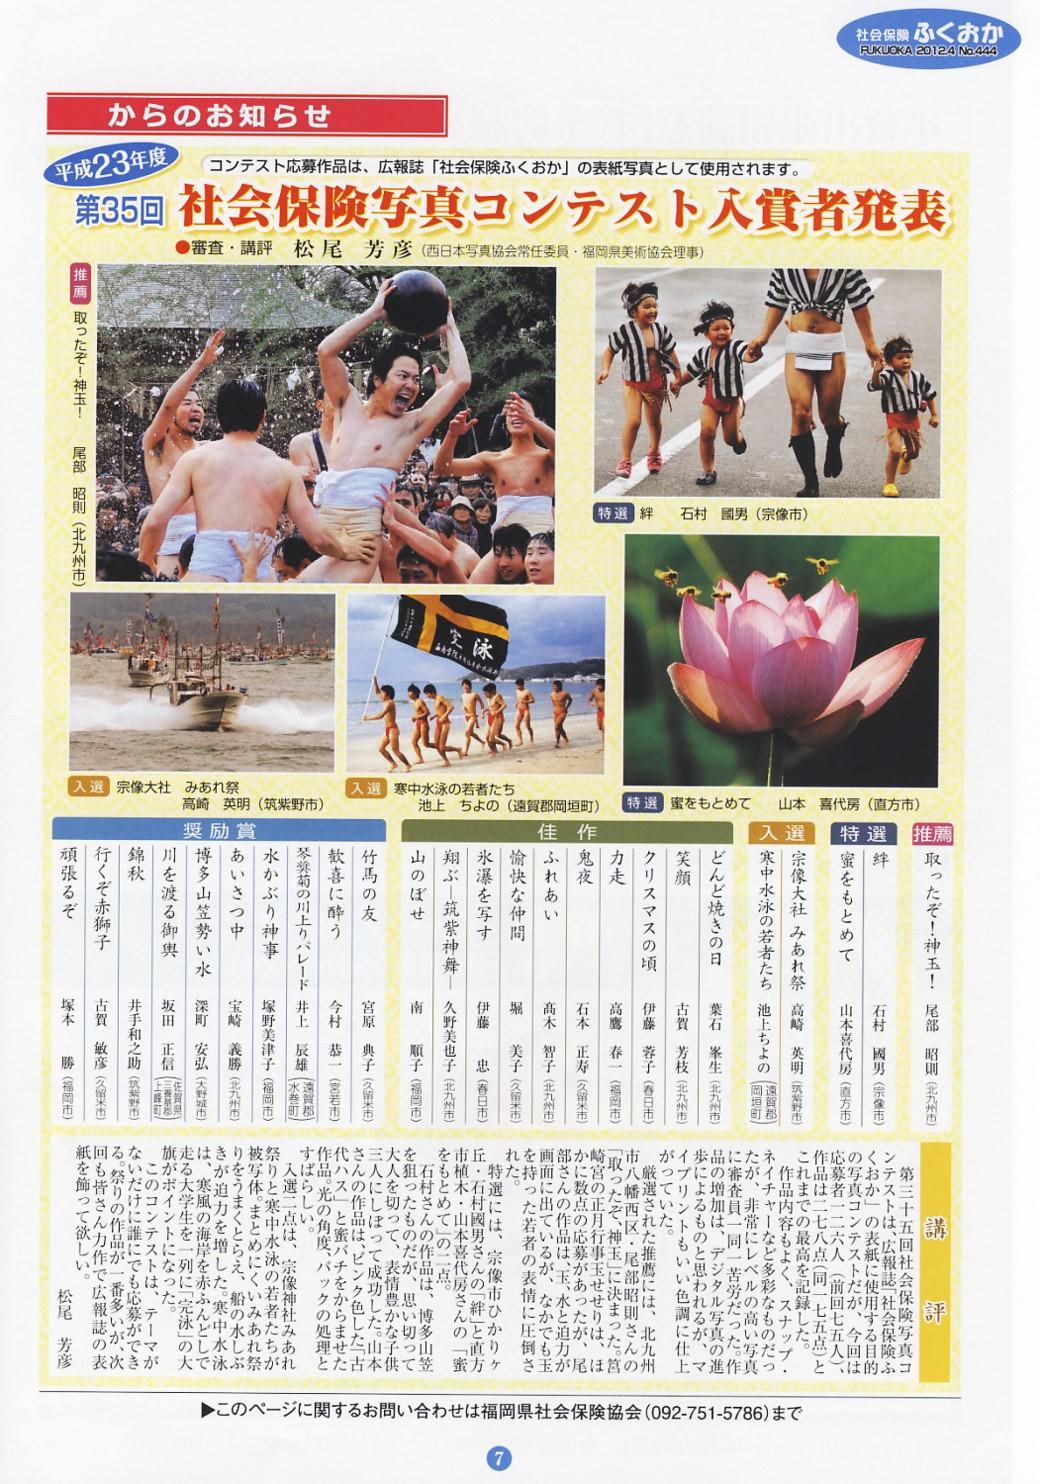 社会保険 ふくおか 2012 4月号_f0120774_13453193.jpg